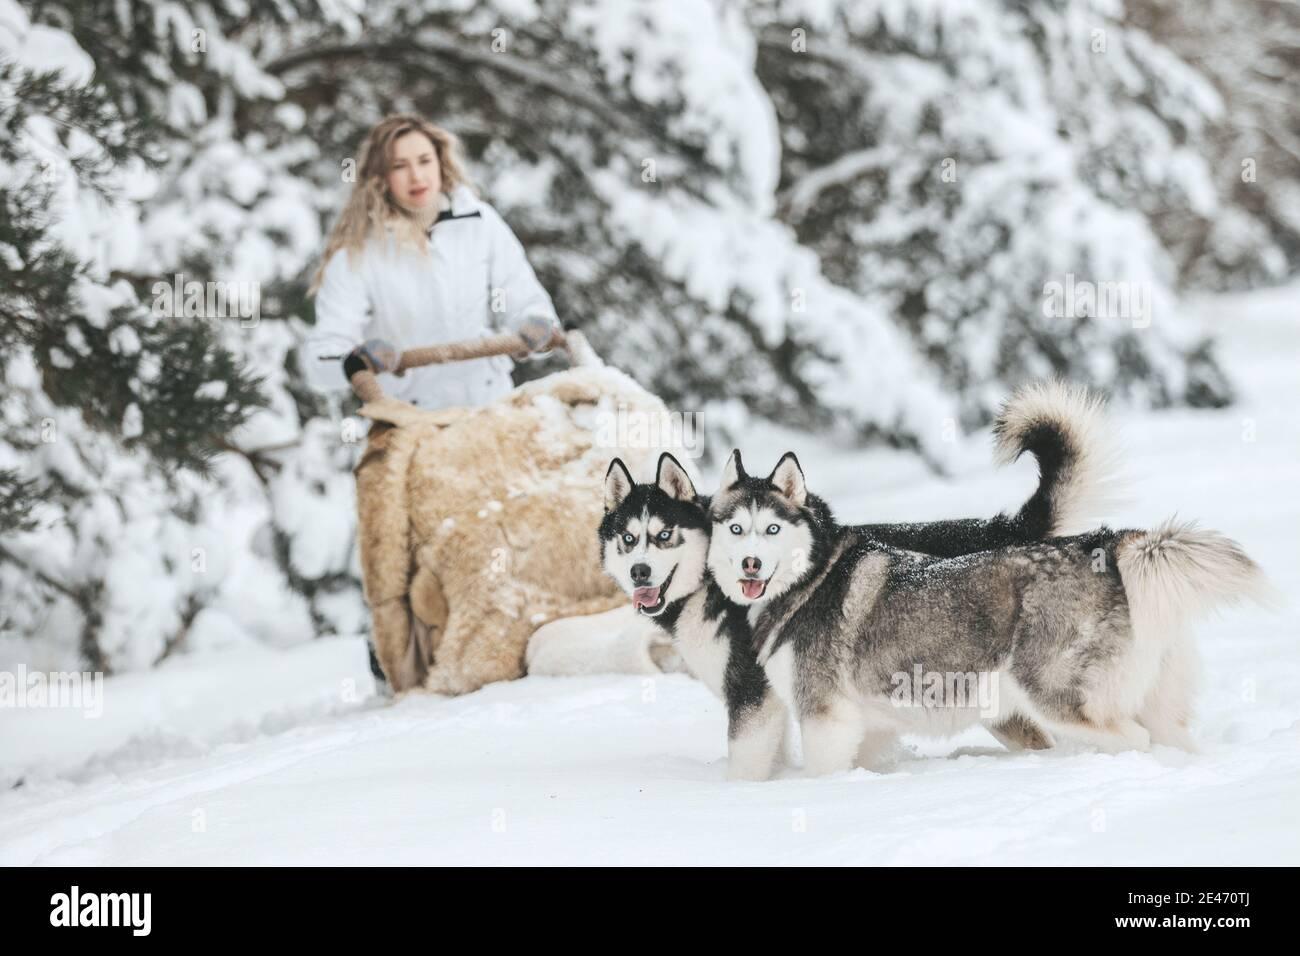 La chica se monta en un trineo en un trineo con huskies siberianos en el bosque de invierno. Mascota. Husky. Cartel artístico de Husky, impresión de Husky, Foto de stock